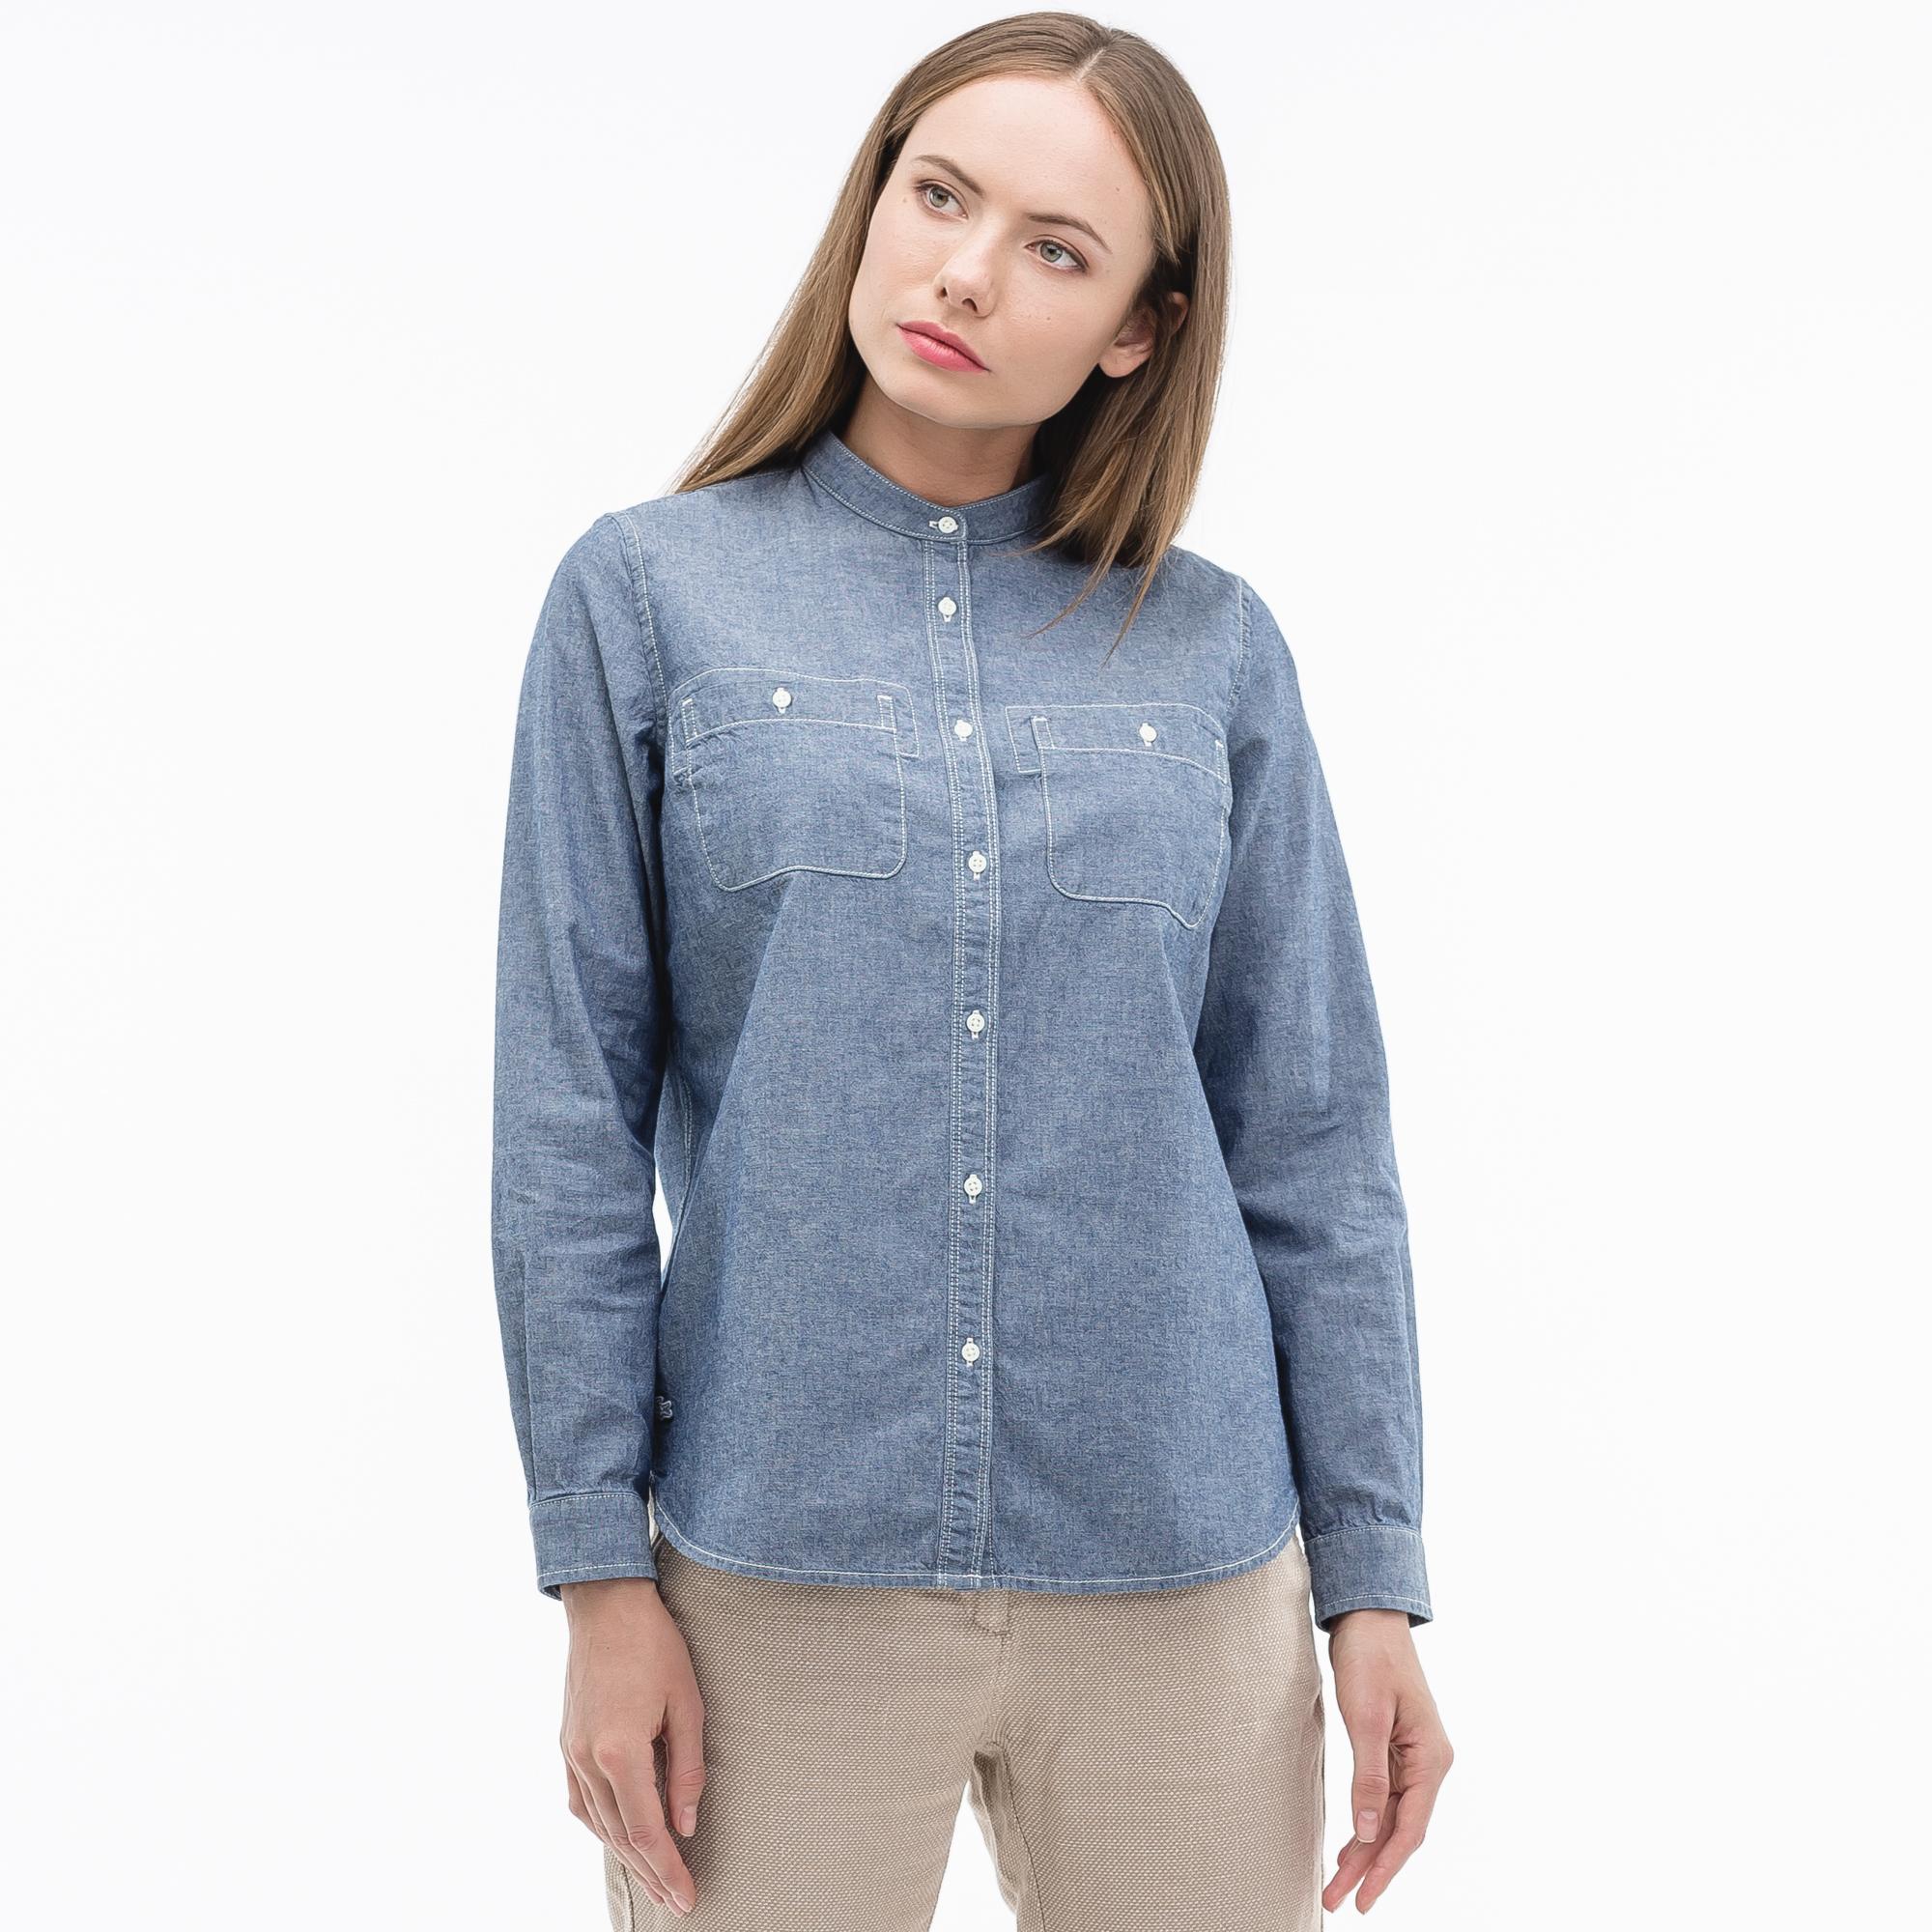 Фото 3 - Рубашку Lacoste Loose fit синего цвета